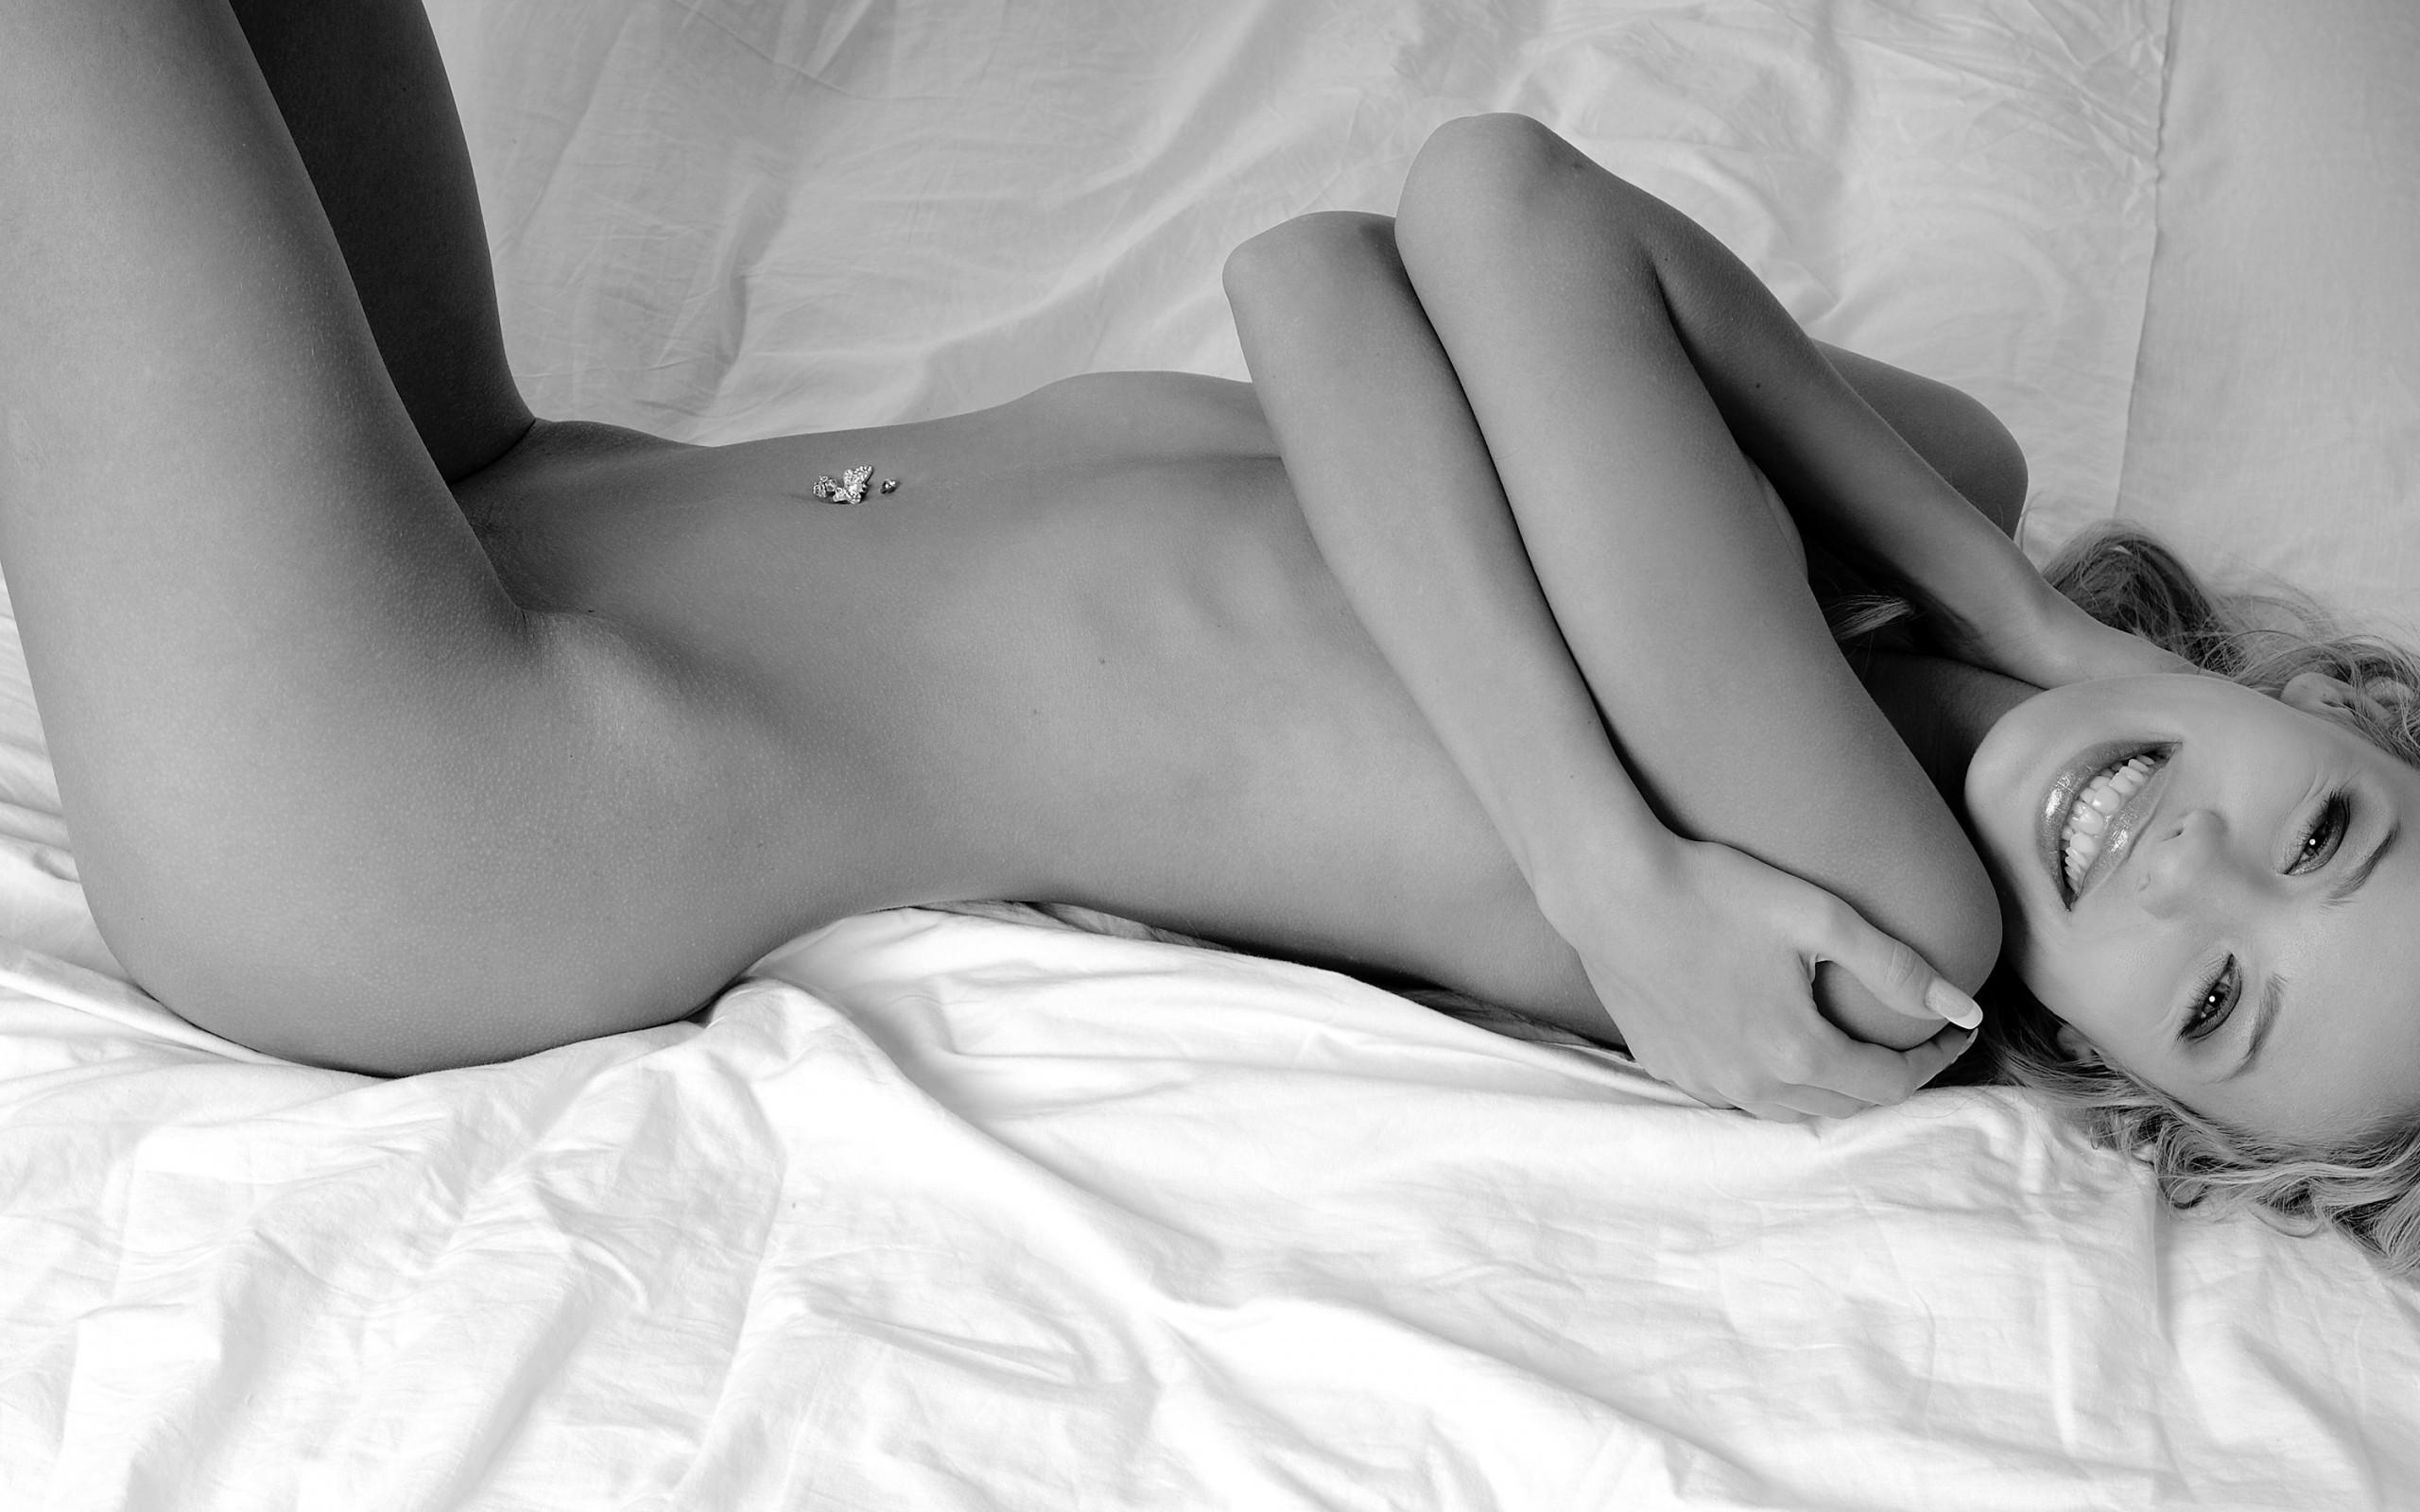 legkaya-erotika-na-foto-gigantskiy-huy-mezhdu-ogromnih-sisek